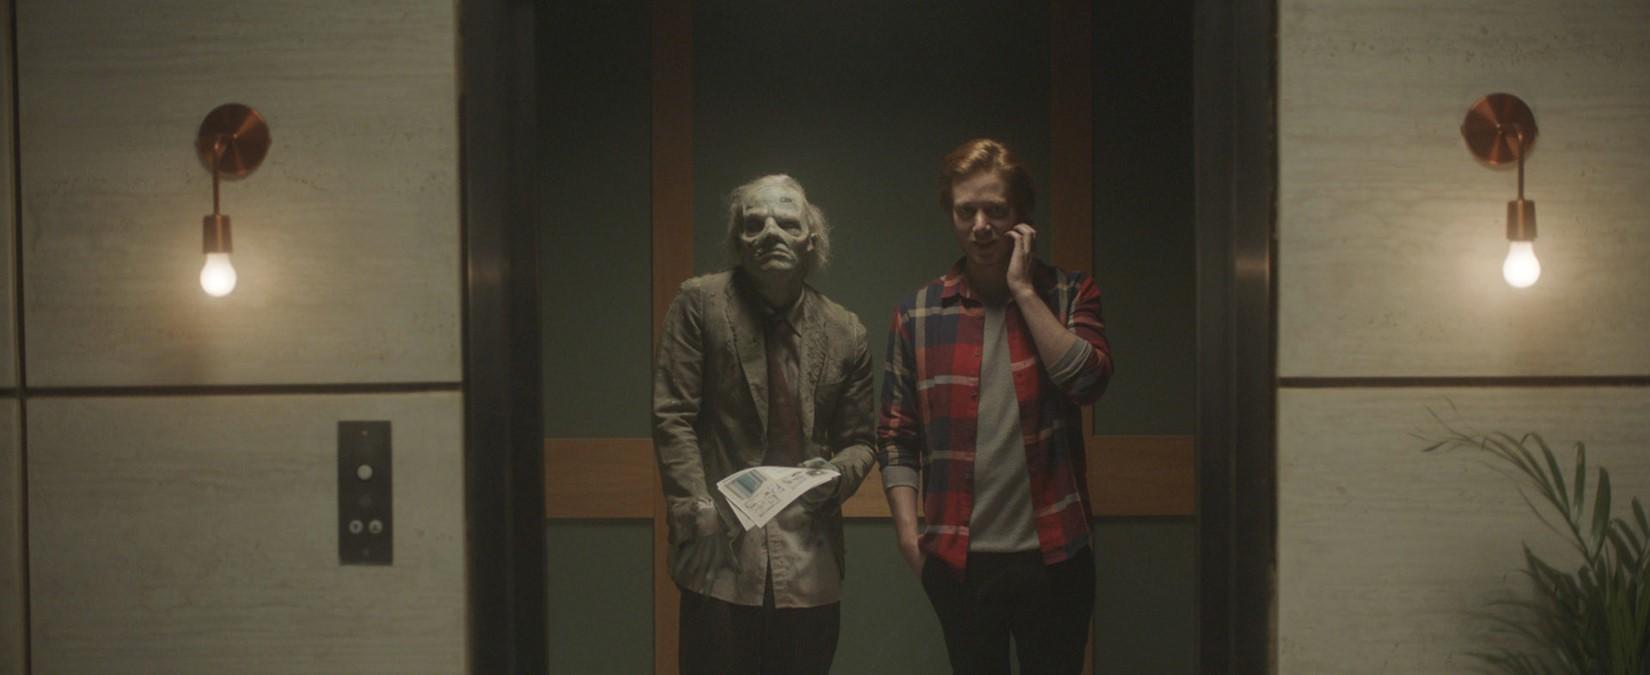 Dentro de um elevador, um homem conversa pelo celular, ao lado de um zumbi.